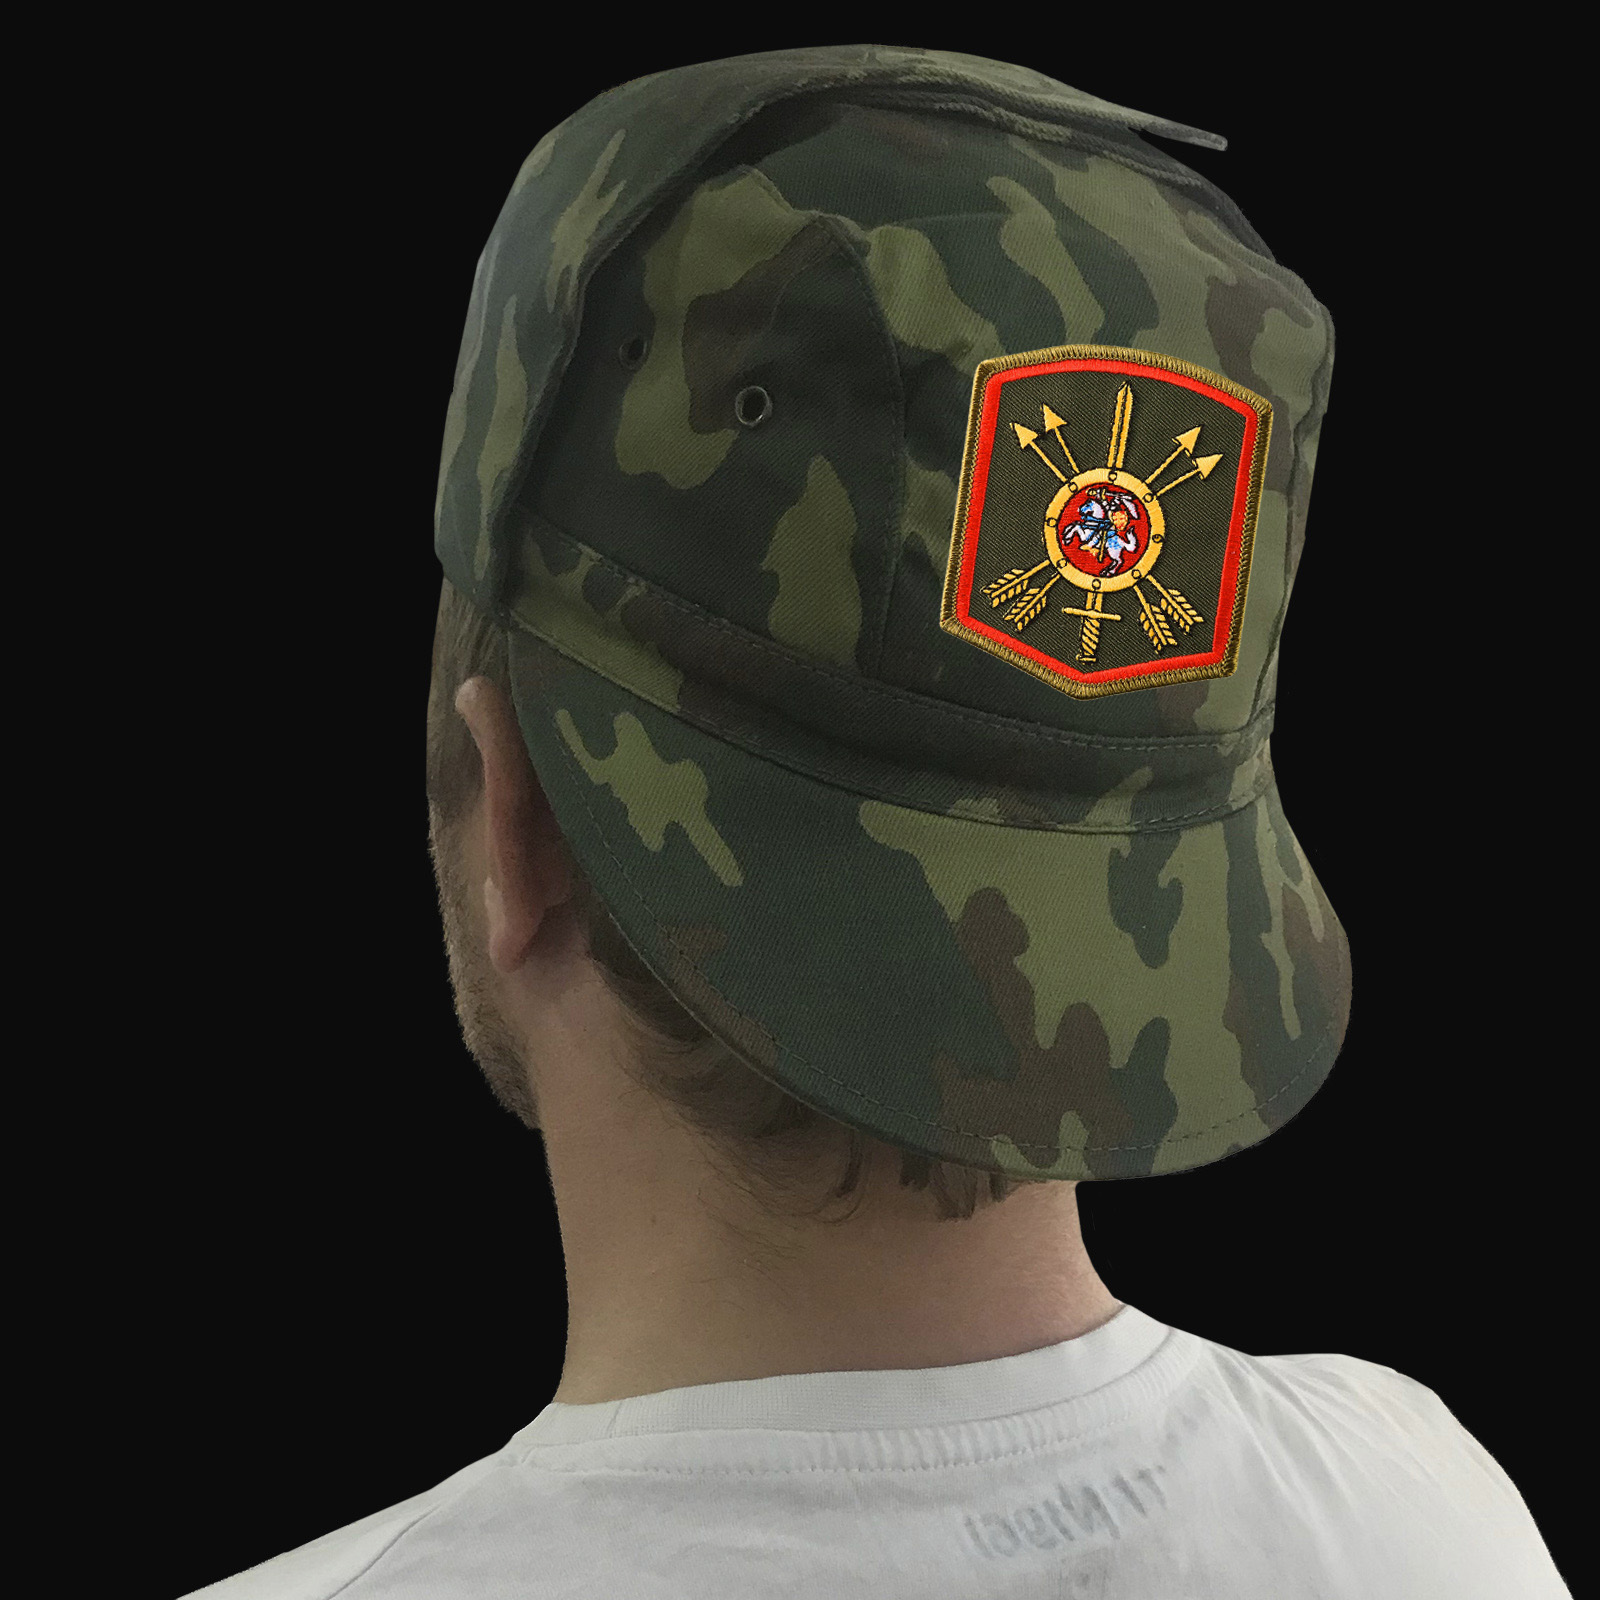 Товары в дизайне Ракетных войск стратегического назначения: кепки, одежда, снаряжение